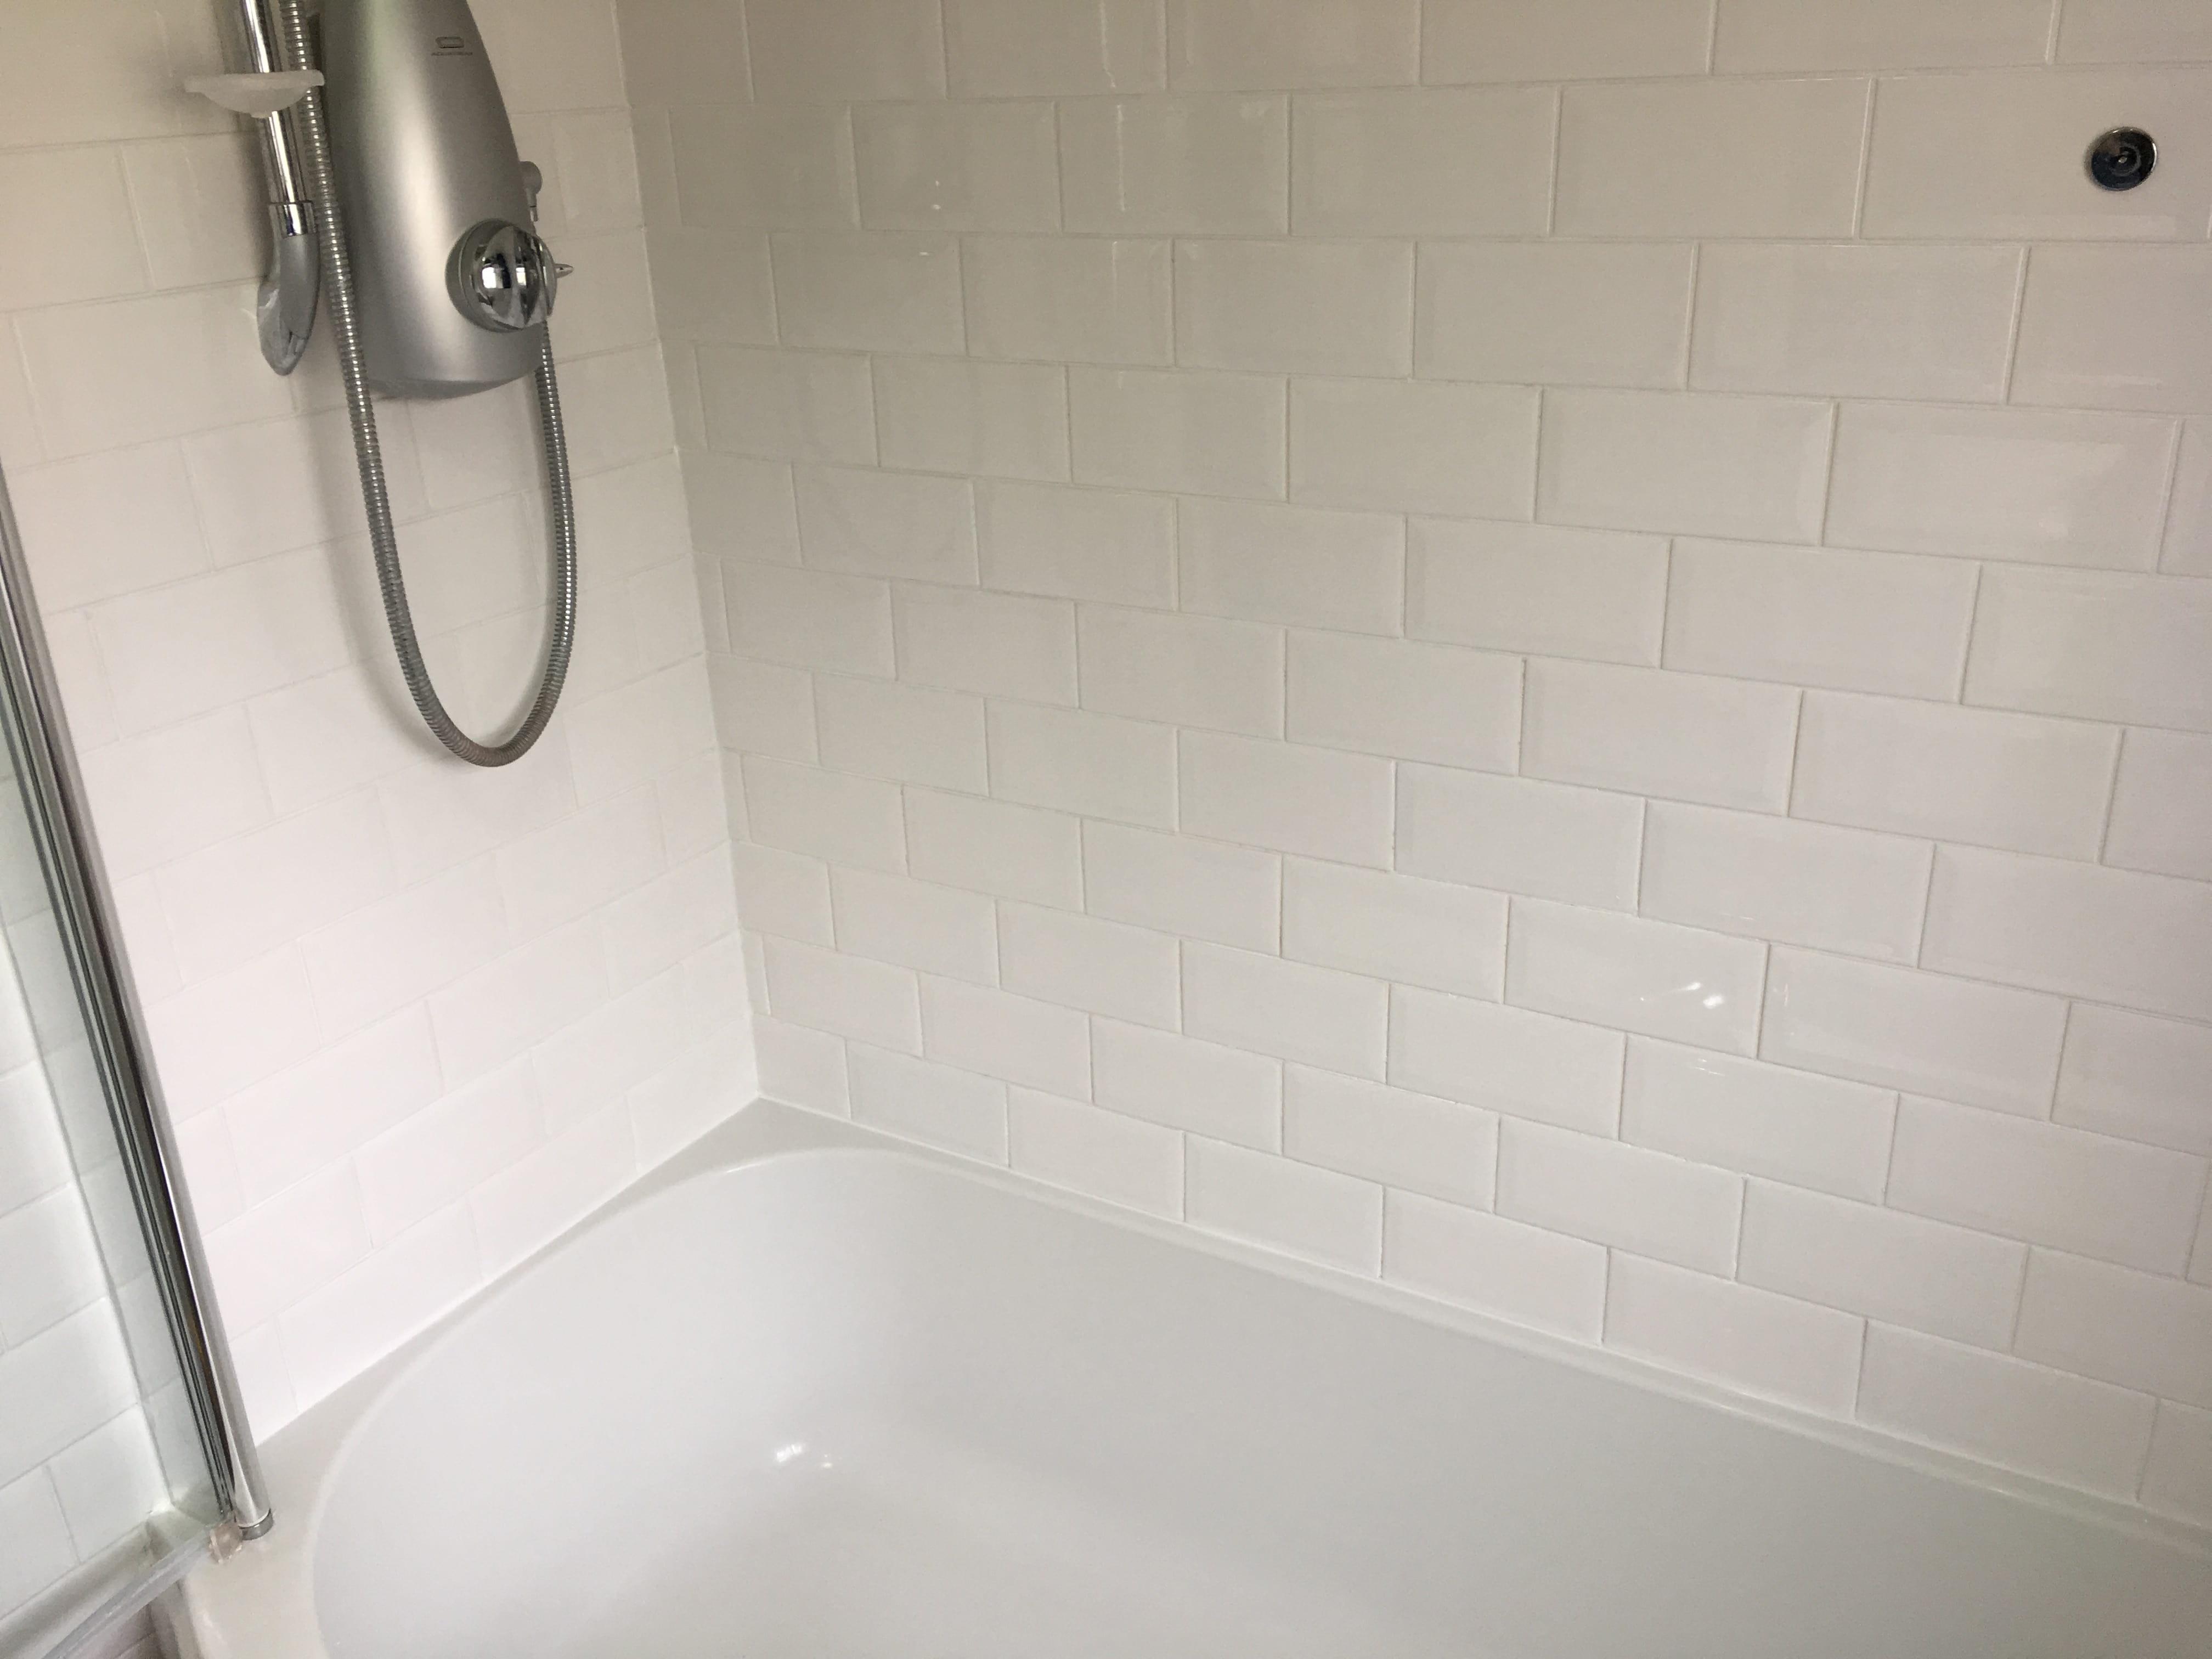 Ceramic Tiled Bathroom After Cleaining Dorking